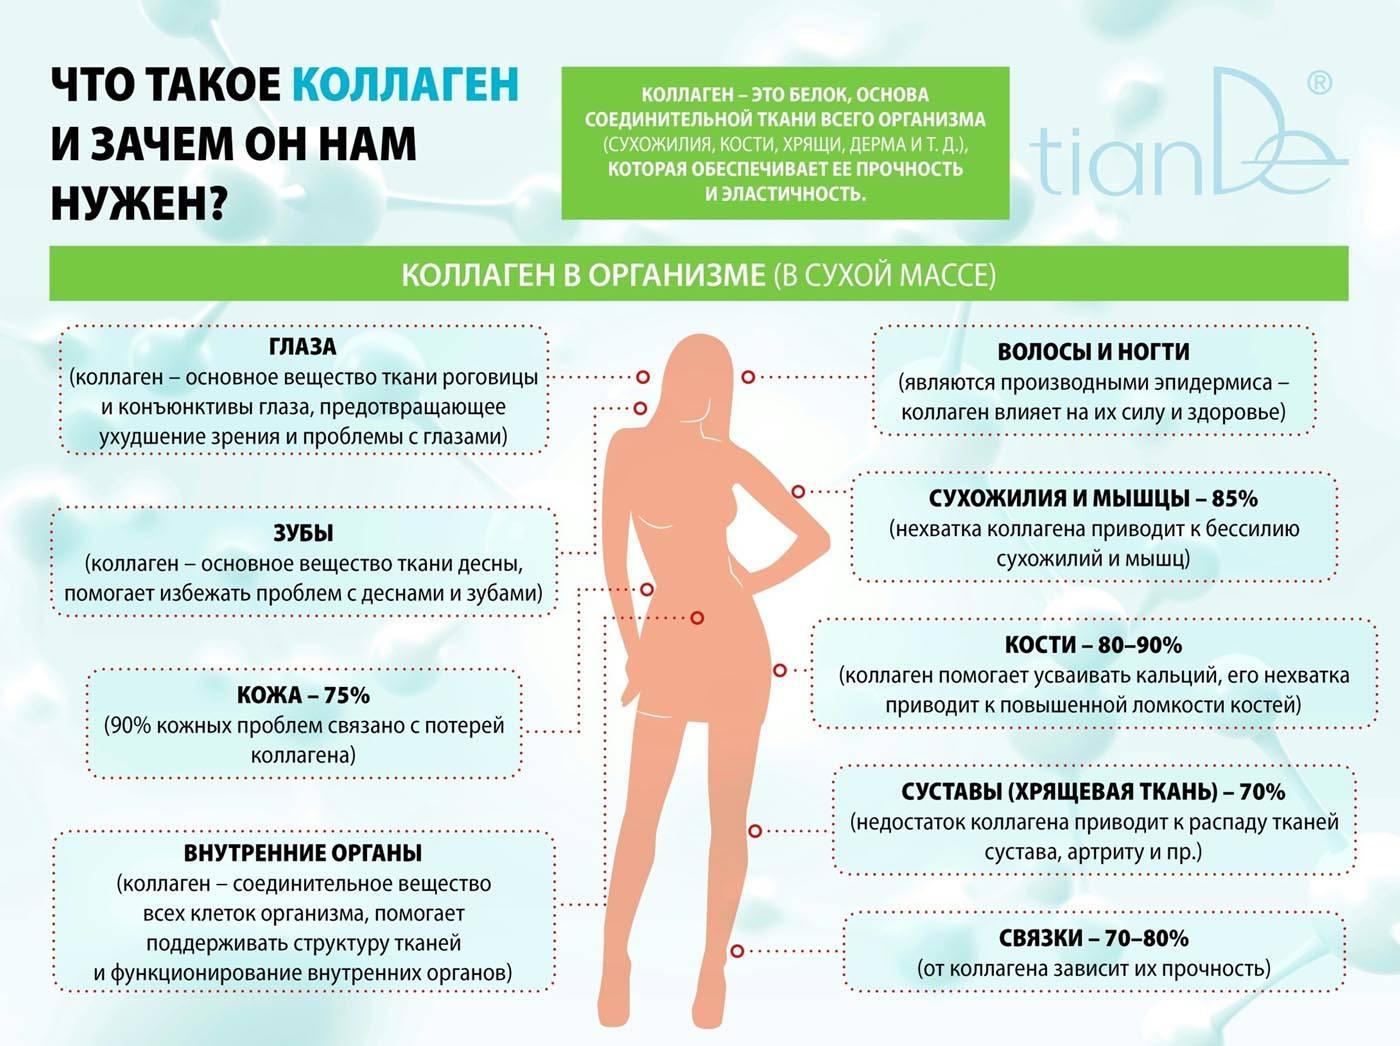 Для чего нужен коллаген и зачем его принимать: 7 полезных свойств коллагена для организма